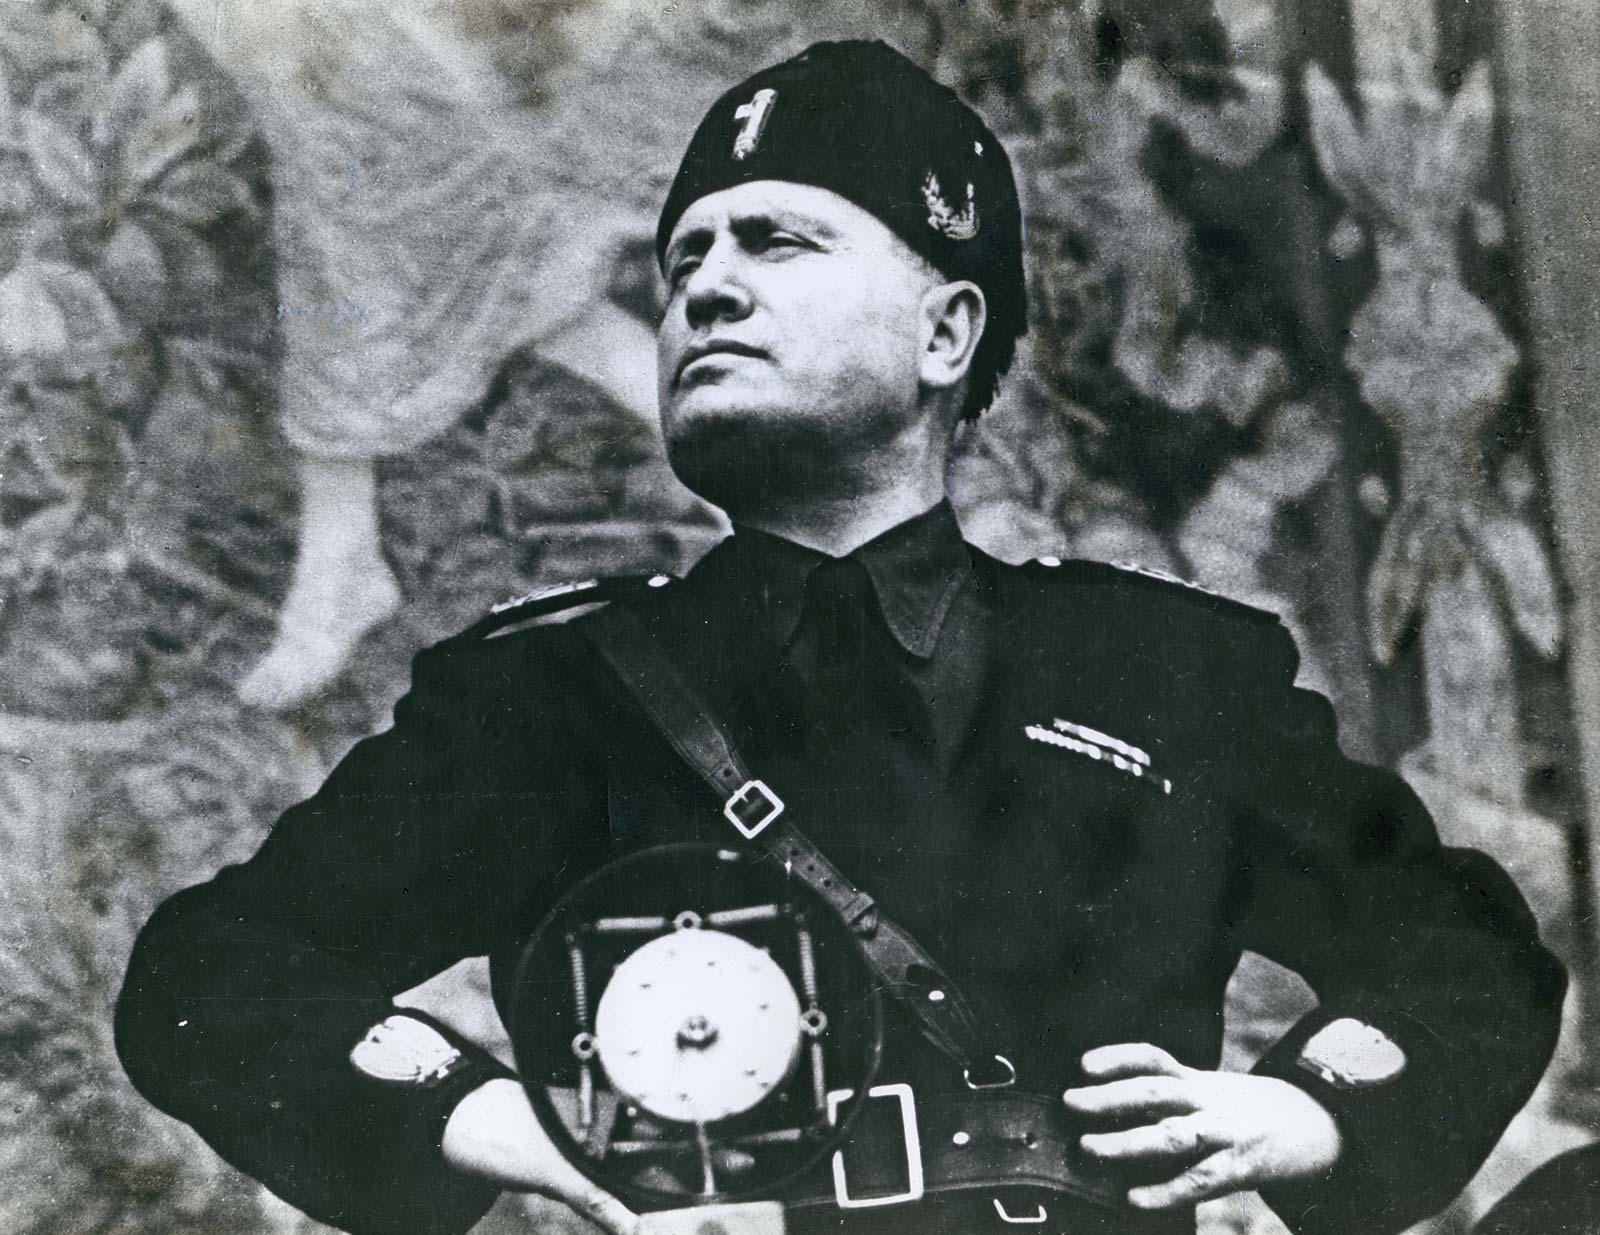 صورة للدكتاتور الإيطالي موسوليني